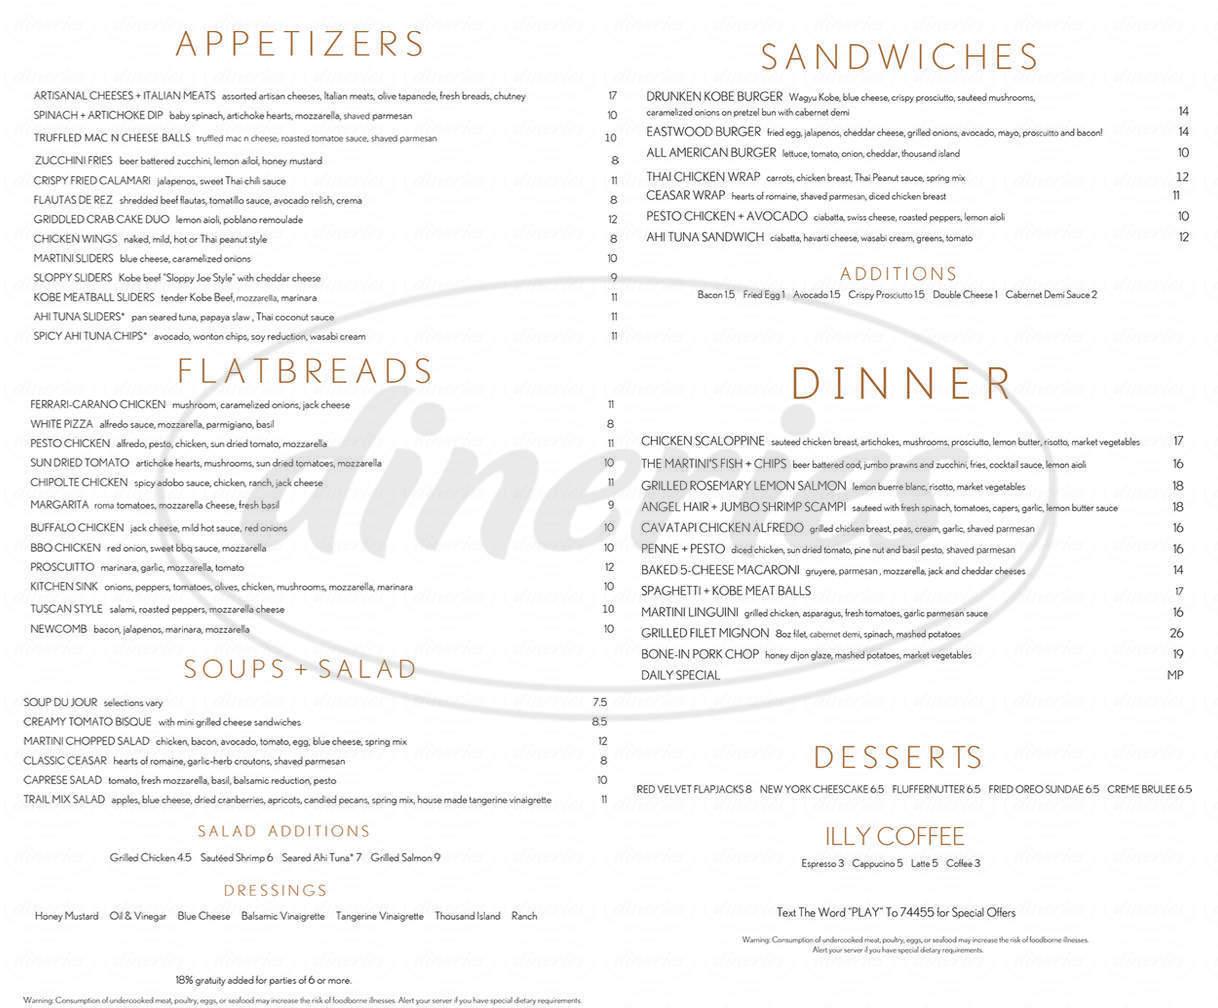 menu for The Martini